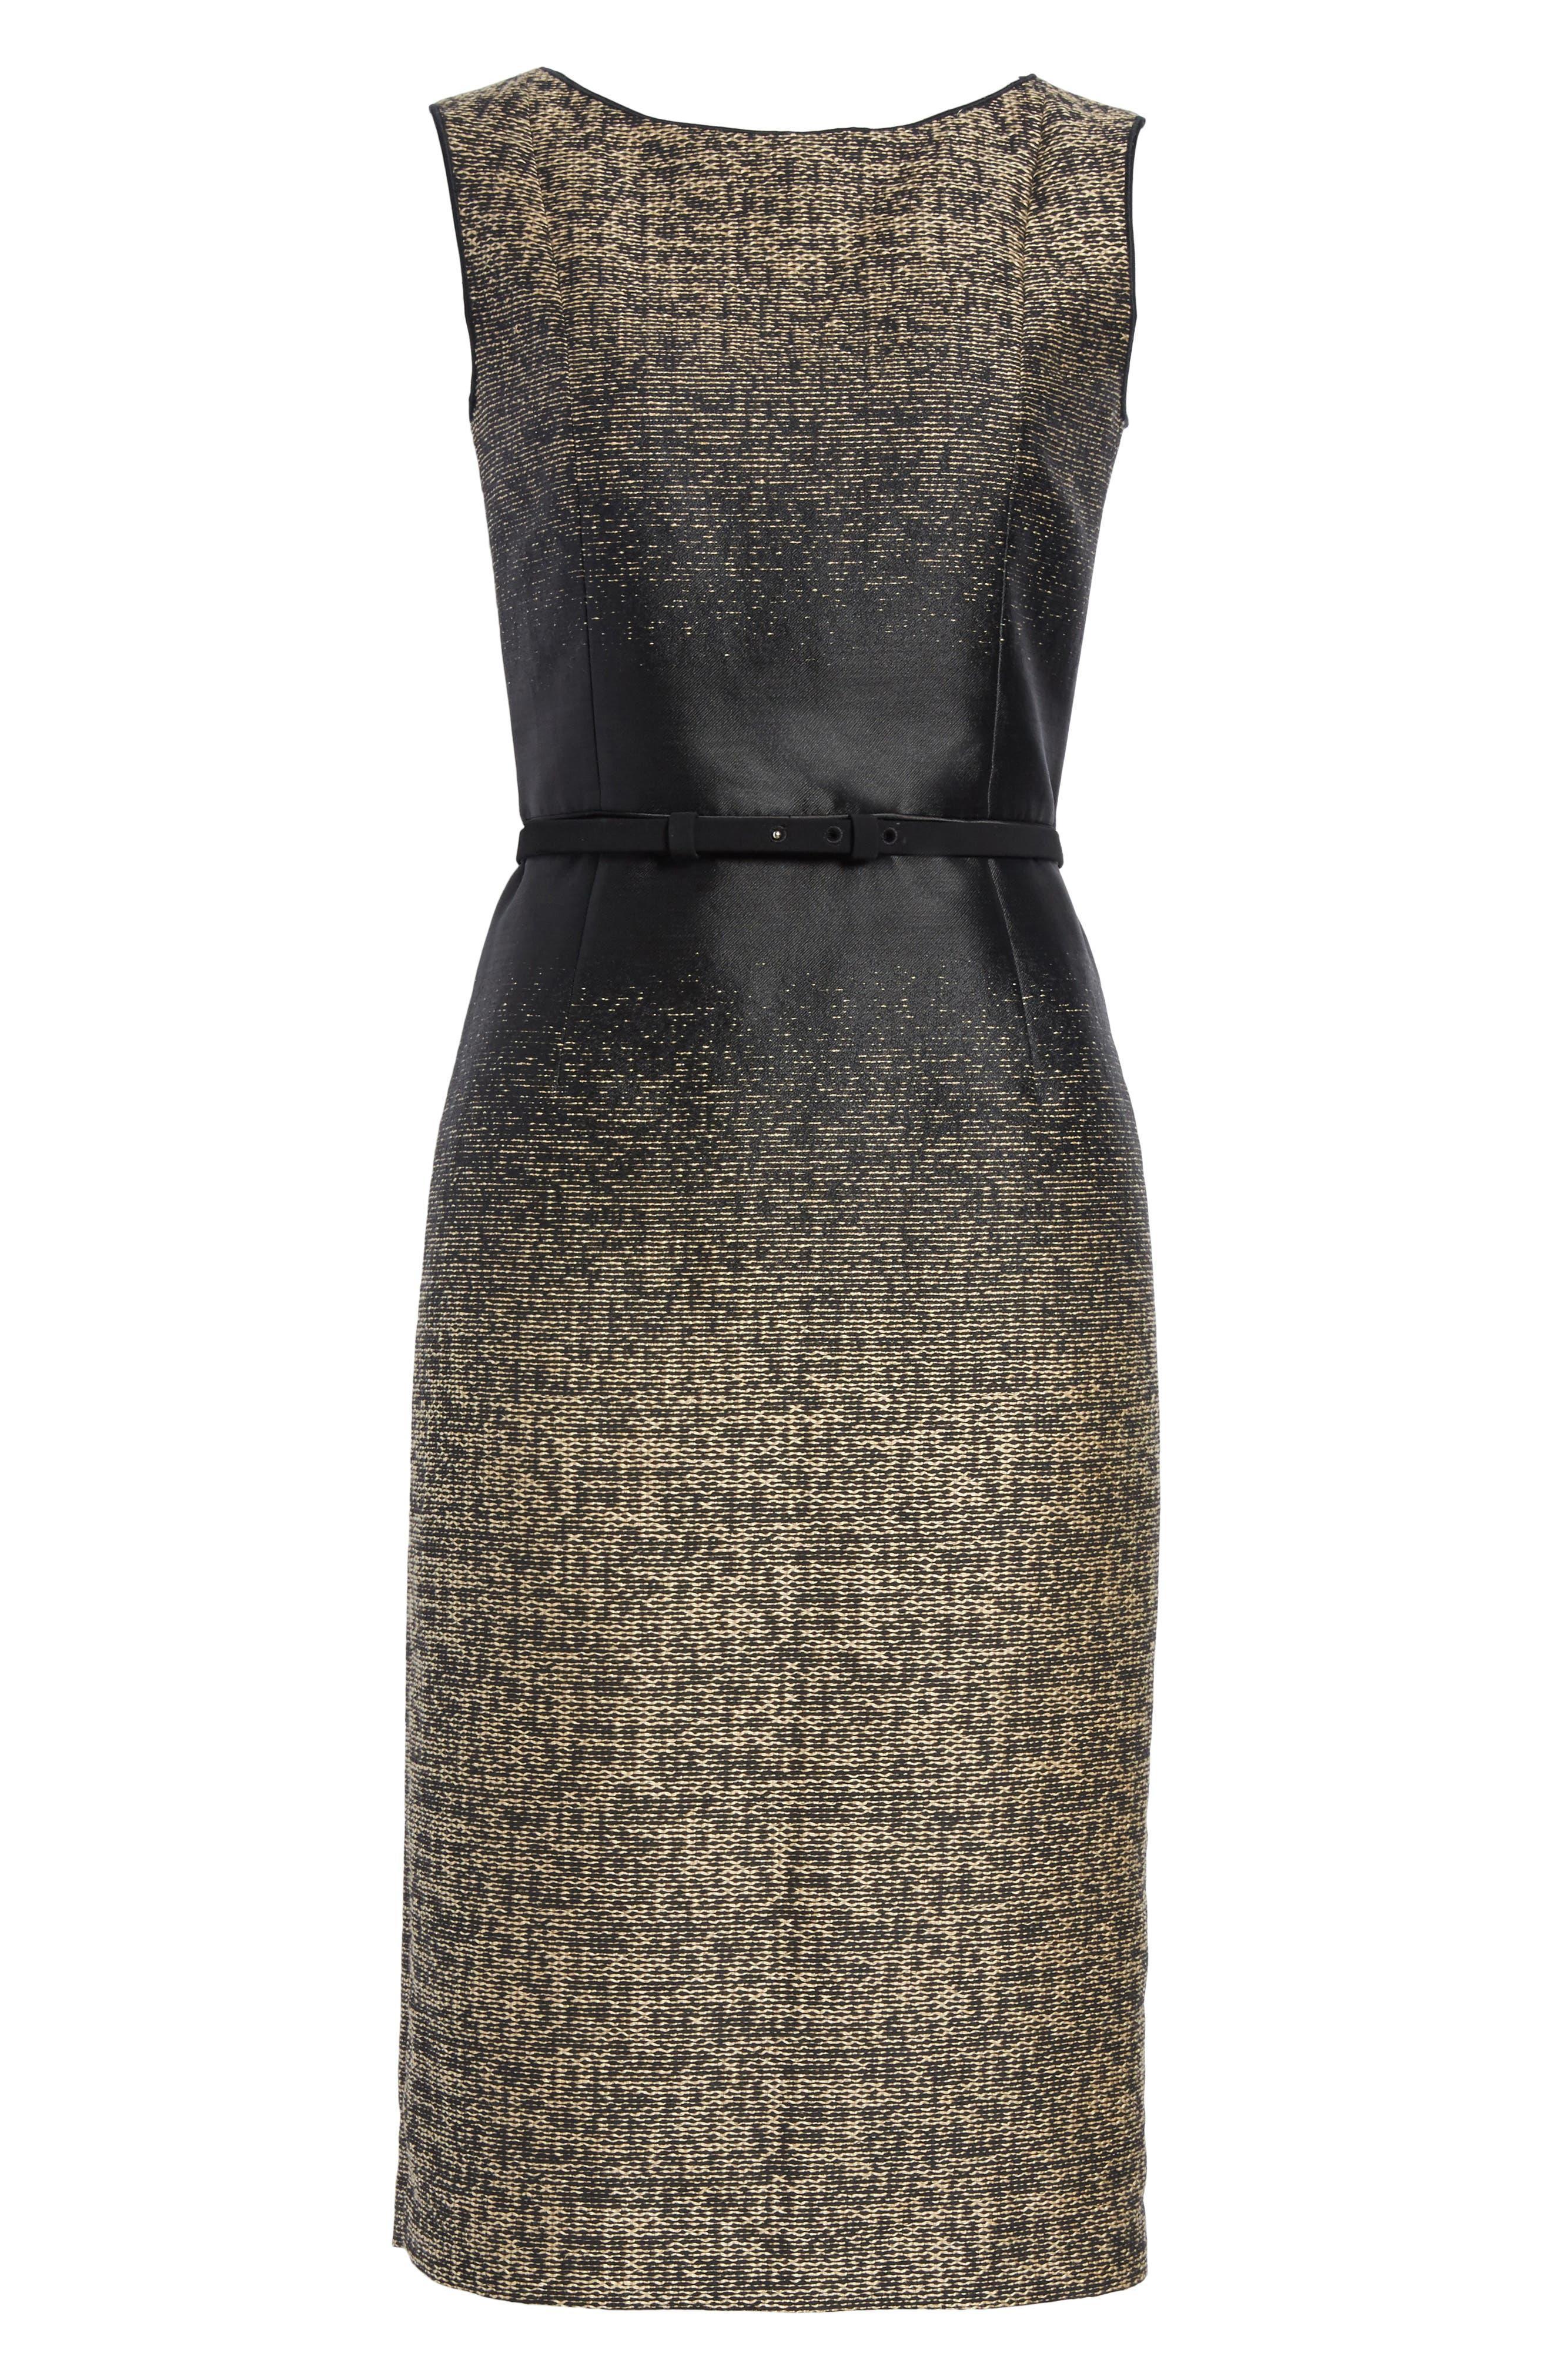 Paulette Jacquard Sheath Dress,                             Alternate thumbnail 7, color,                             Black Multi